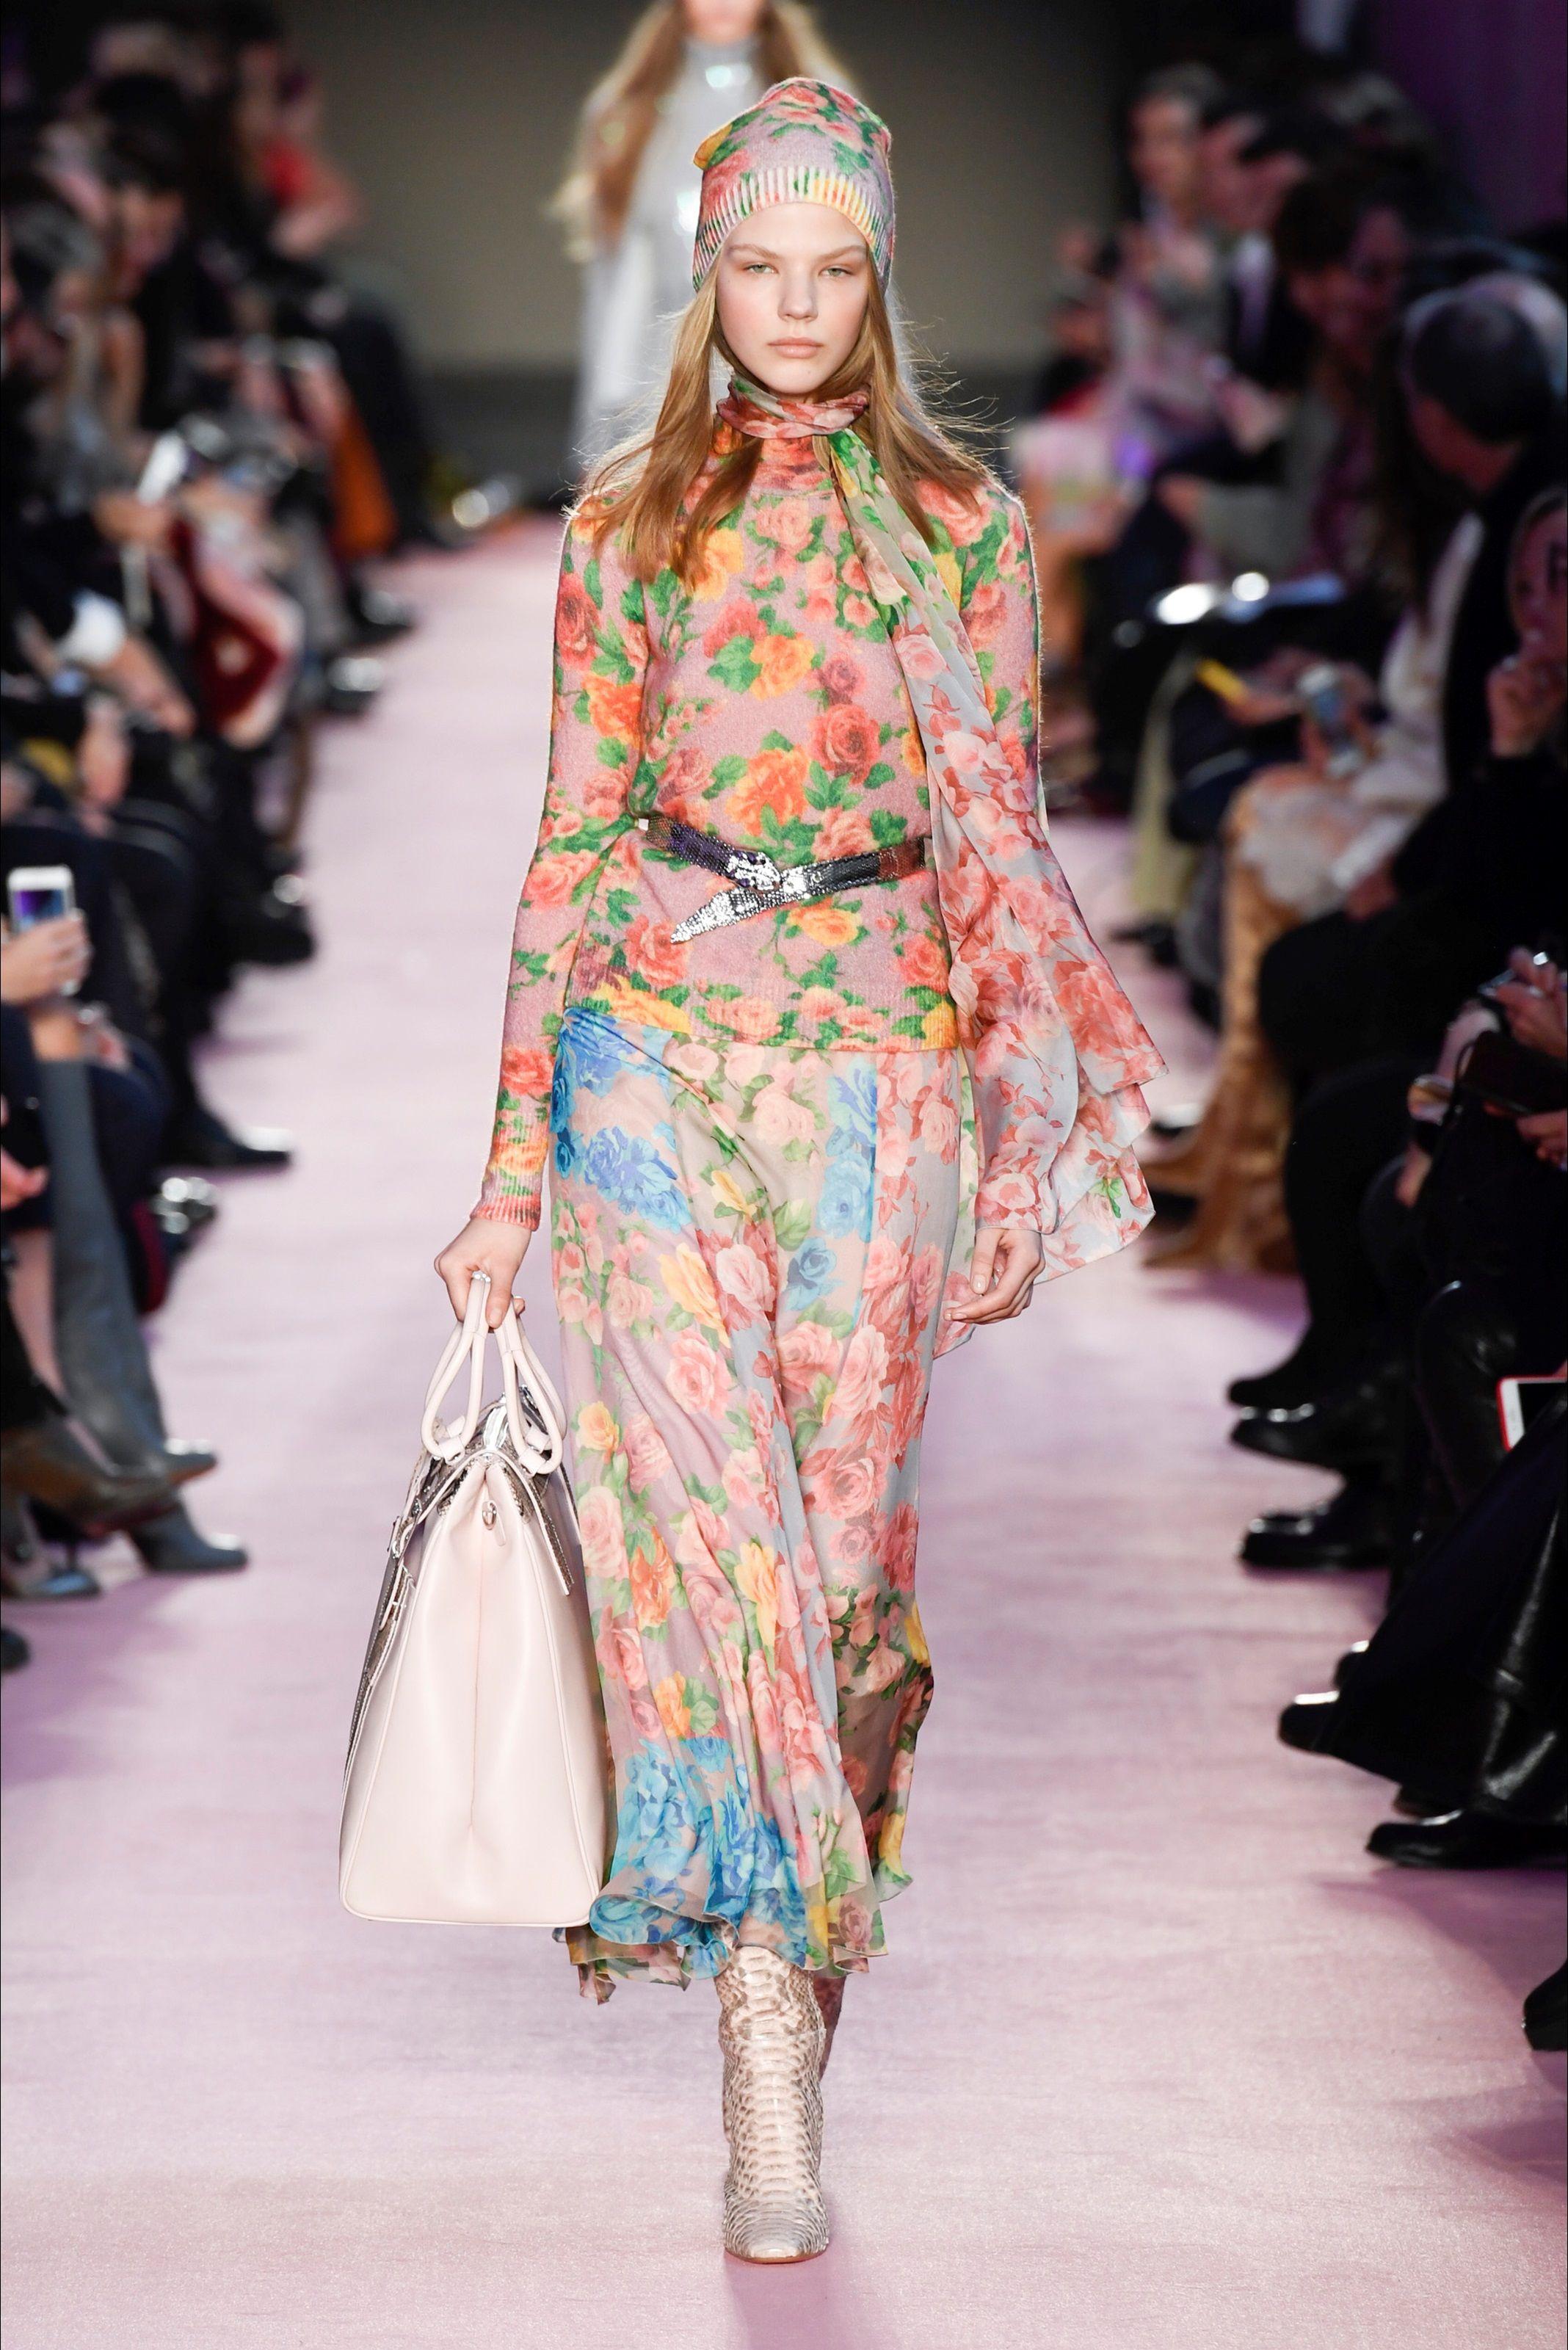 Guarda la sfilata di moda Blumarine a Milano e scopri la collezione di abiti  e accessori per la stagione Pre-Collezioni Autunno-Inverno 2018-19. 66076969cbd